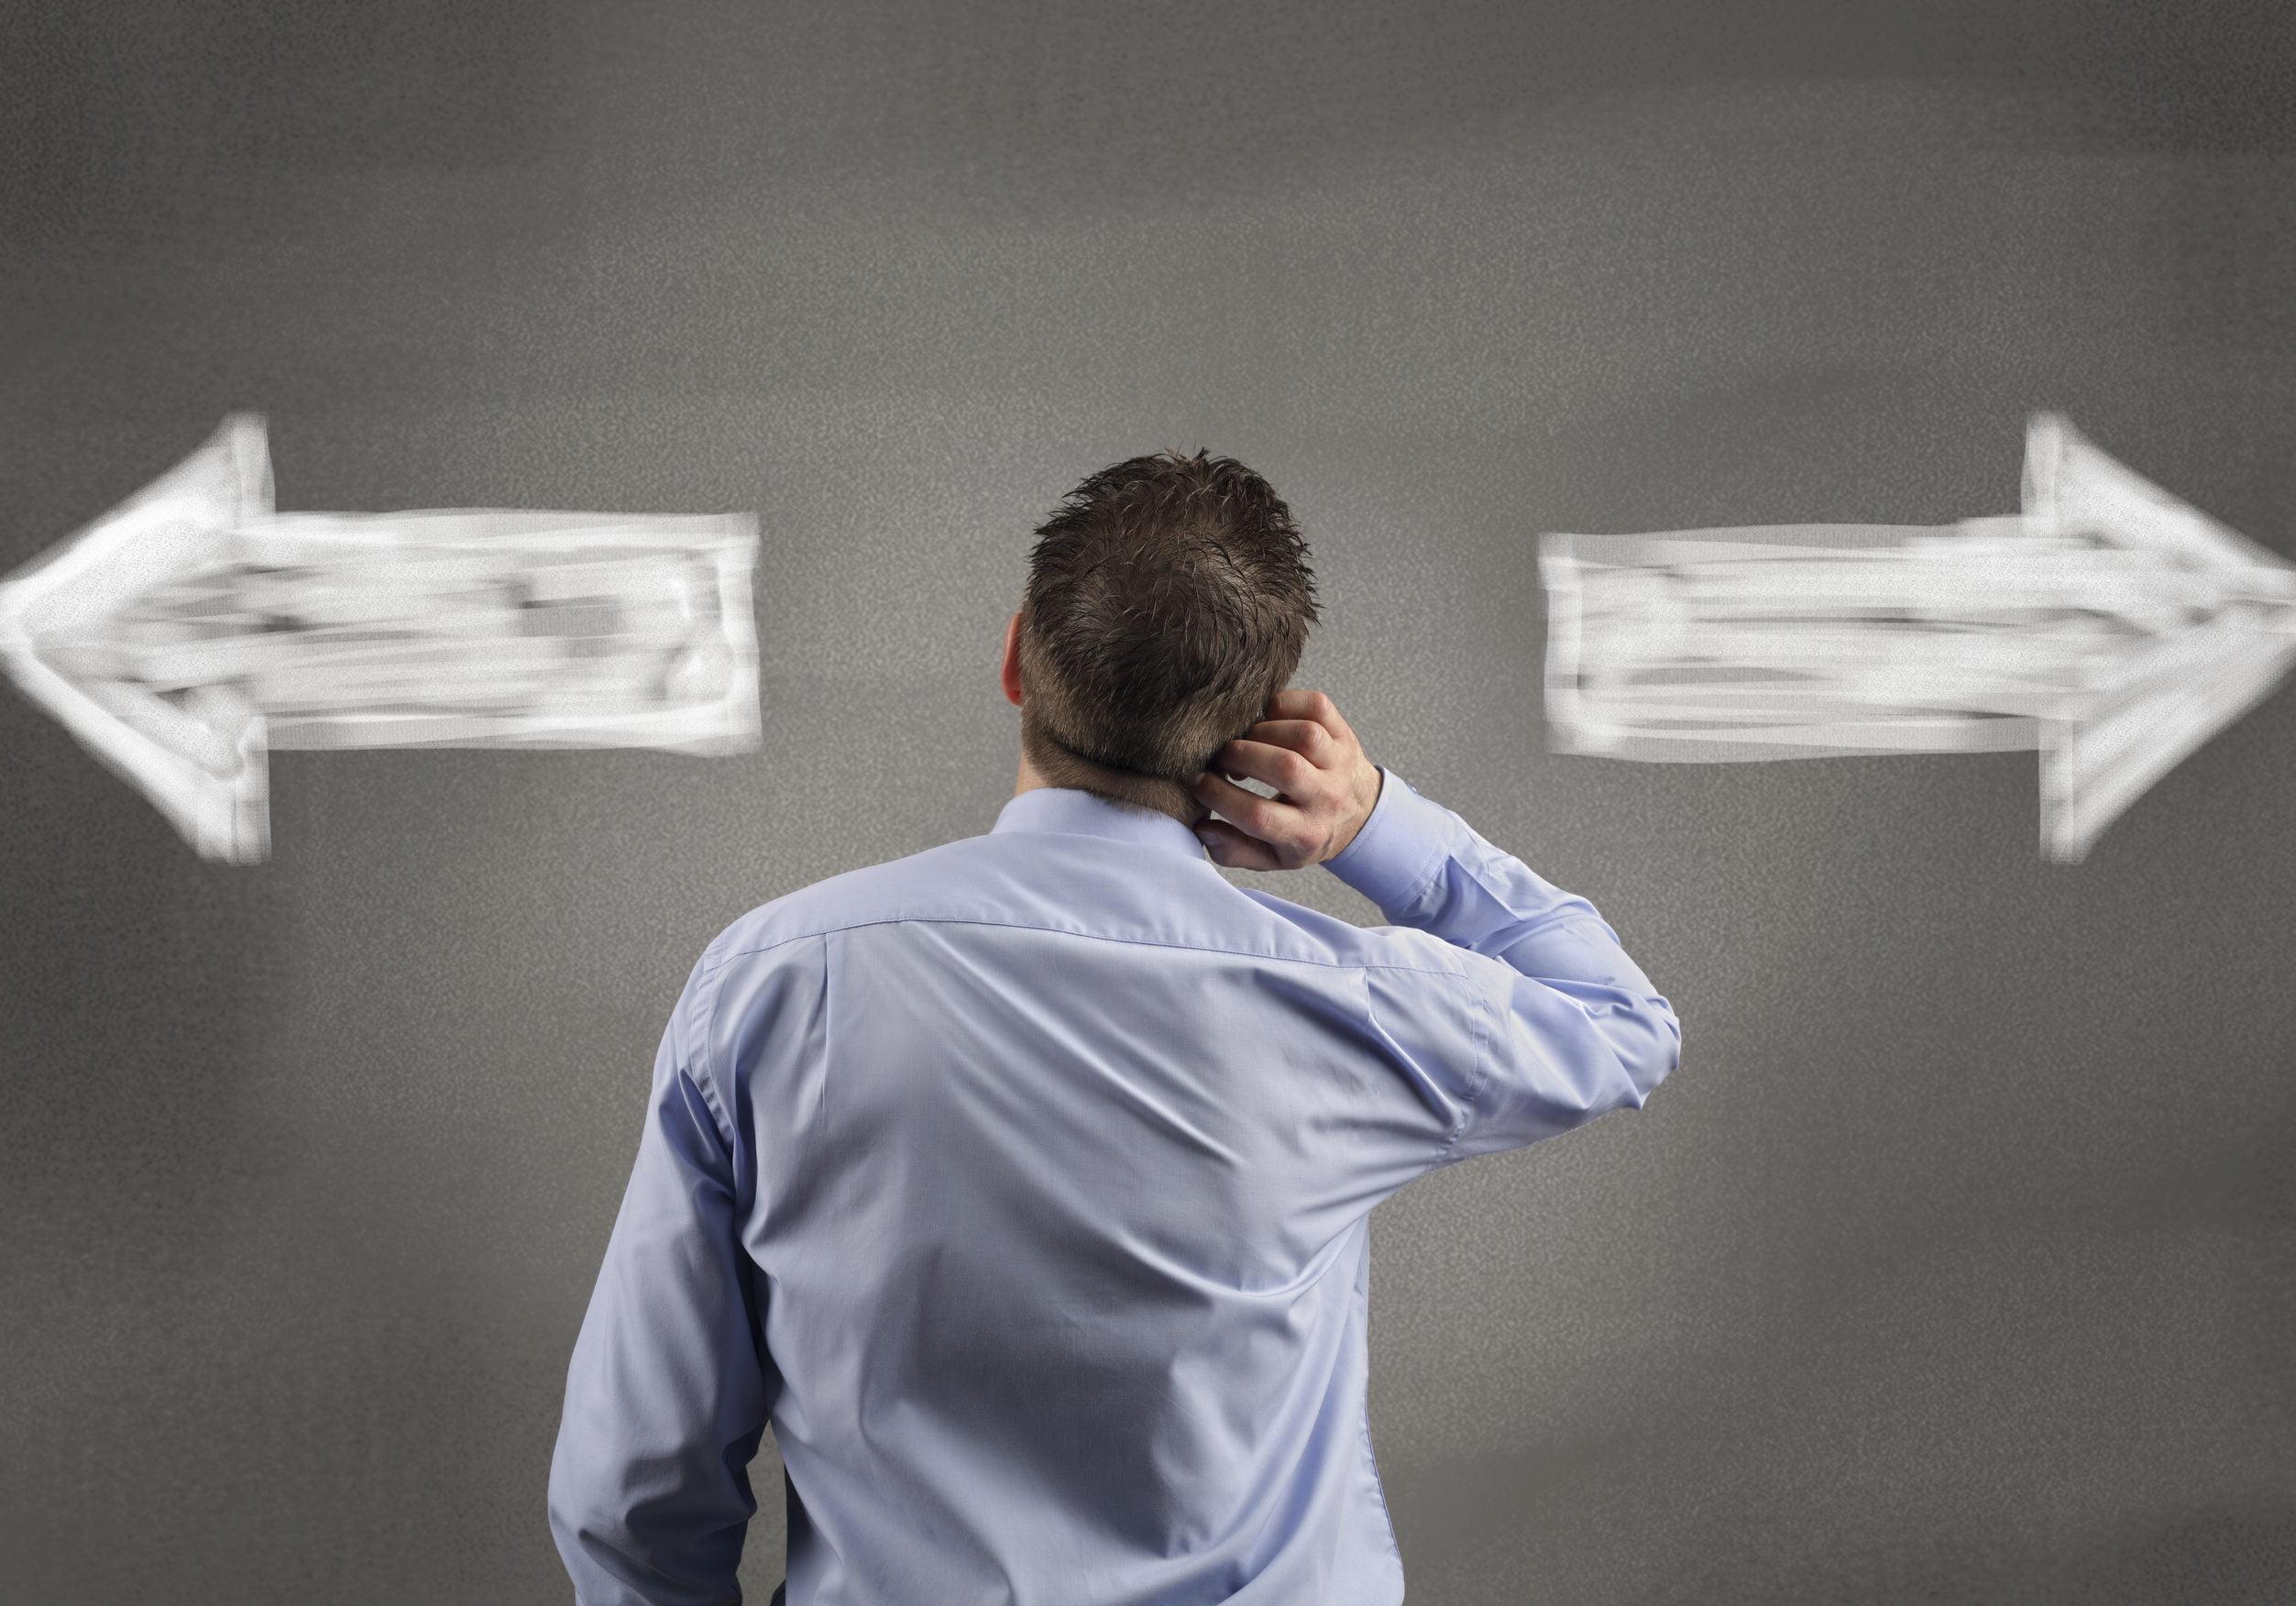 EURL ou SARL : Quel statut choisir pour une start-up ?